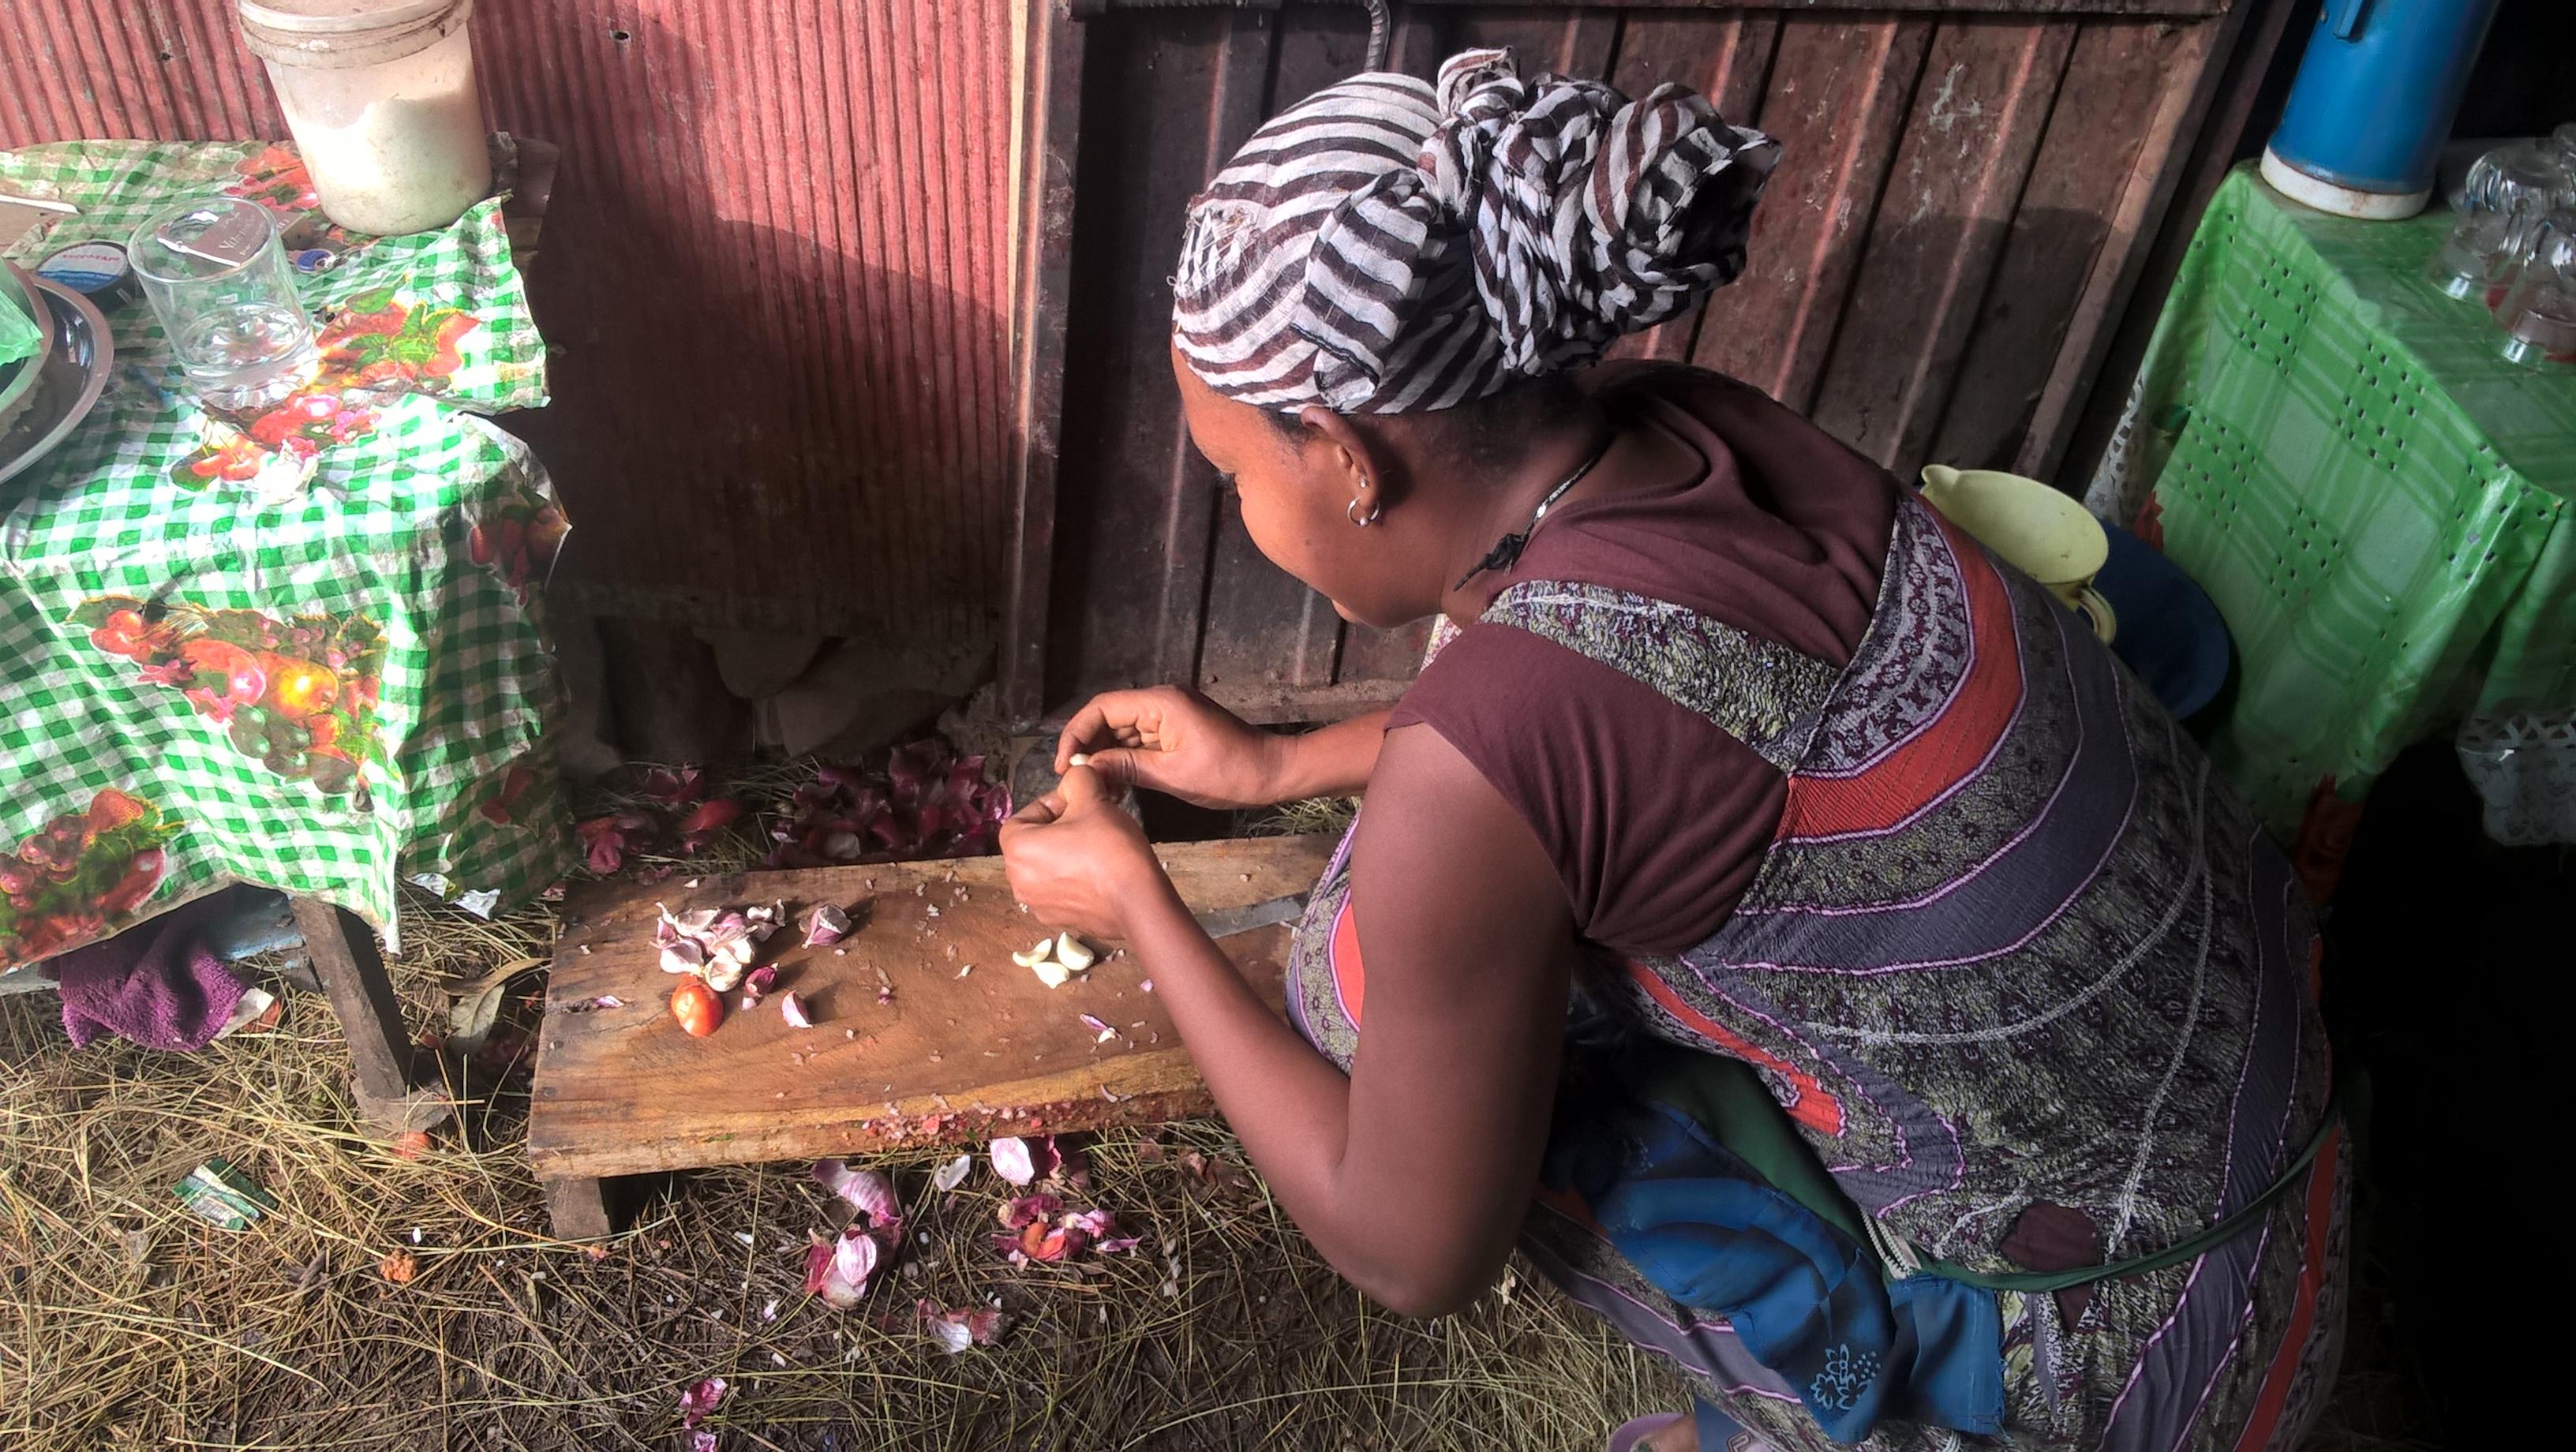 δωρεάν sites γνωριμιών Αιθιοπίας 100 δωρεάν ιστοσελίδες γνωριμιών στο Σίδνεϊ